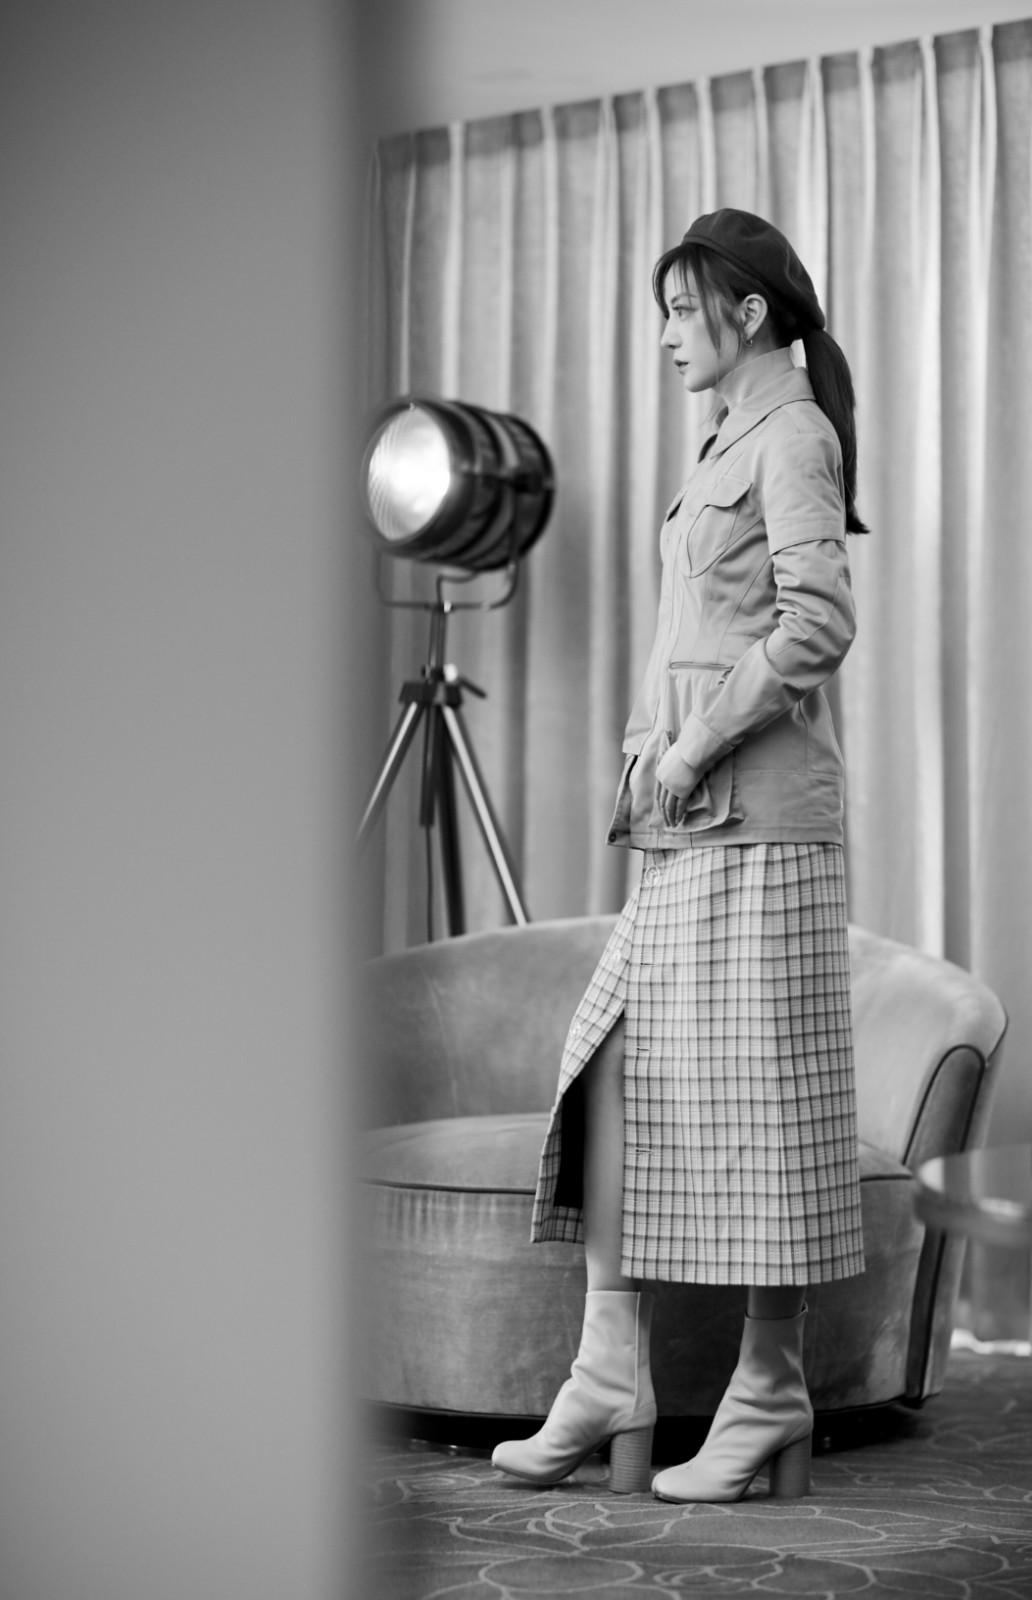 赵薇亮相时装电影盛典 复古工装造型展时尚态度